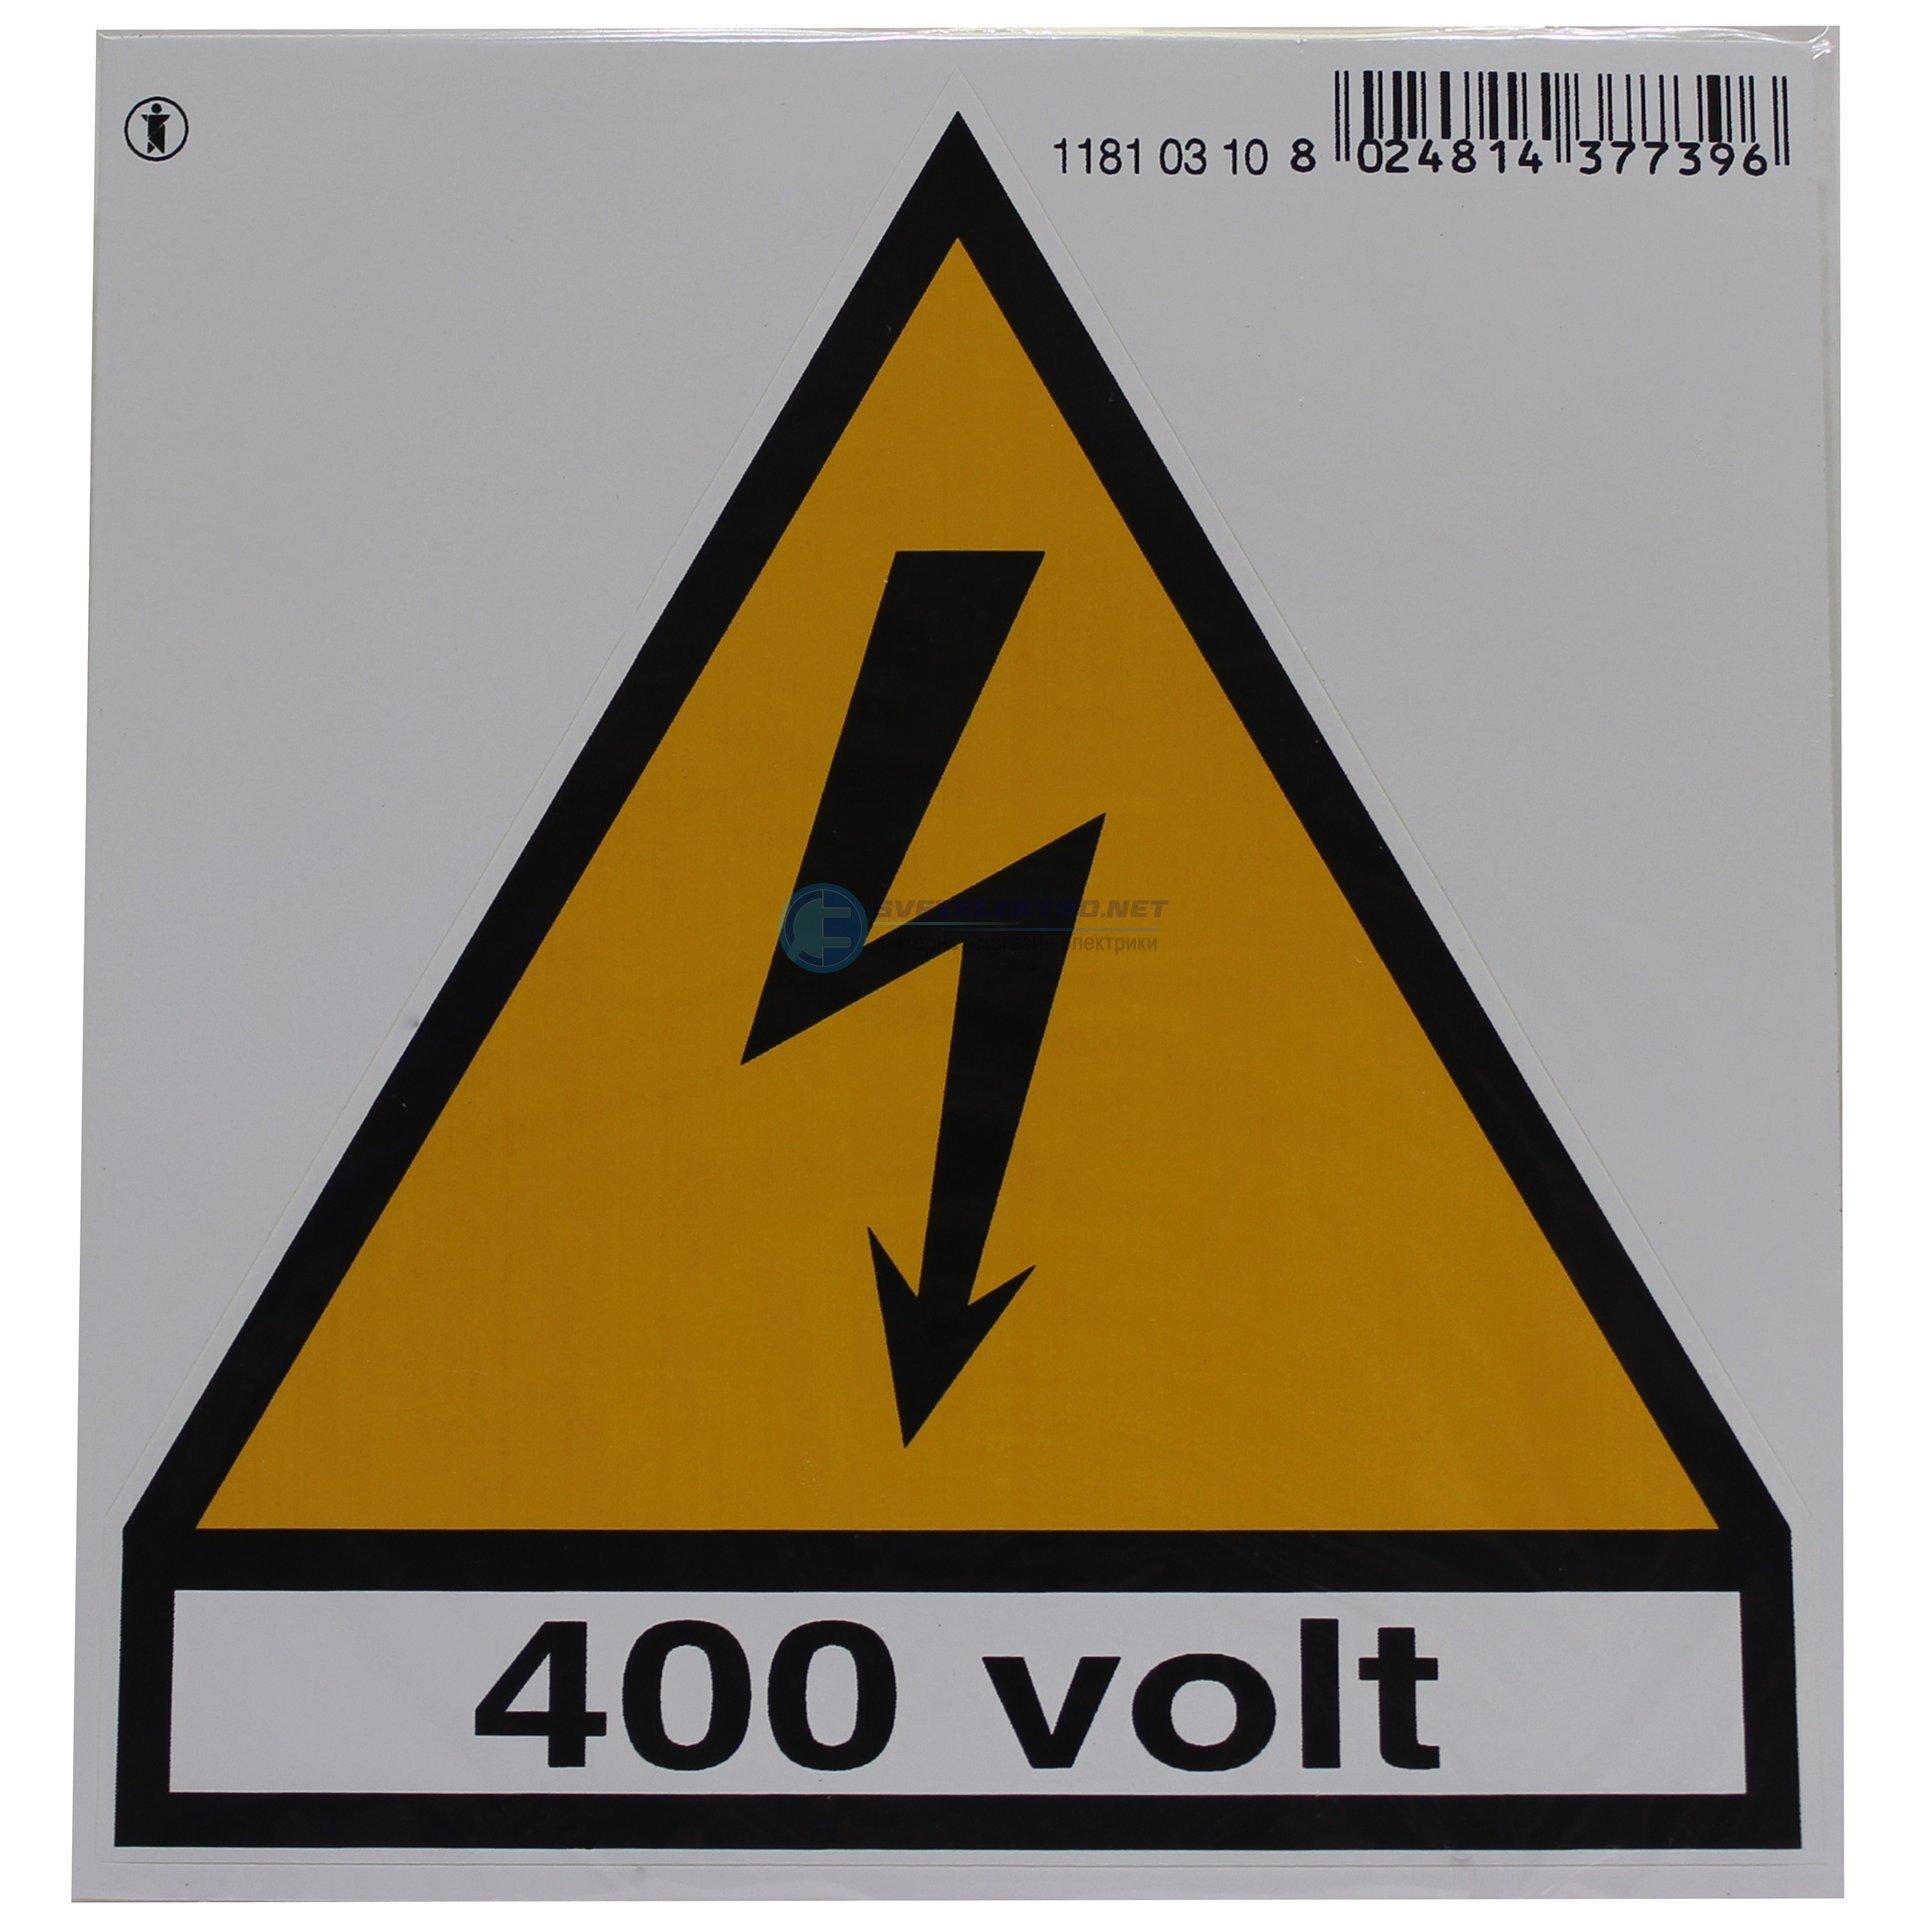 обучение по электробезопасности электротехнического персонала